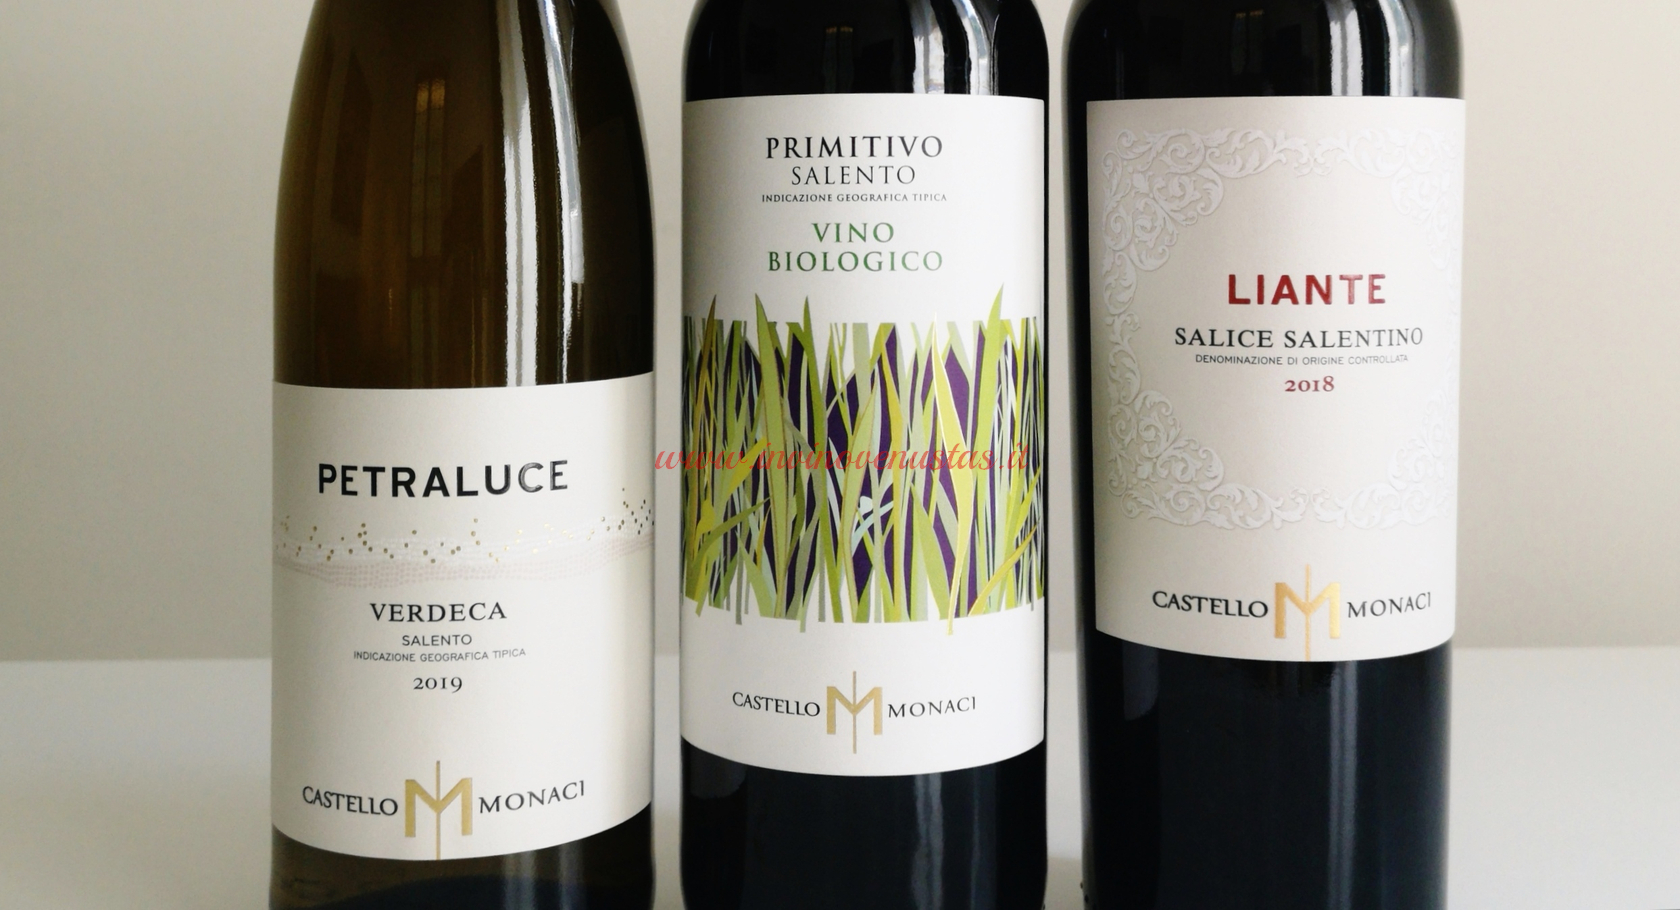 Vini Castello Monaci - Petraluce, Primitivo Biologico, Liante Salice Salentino